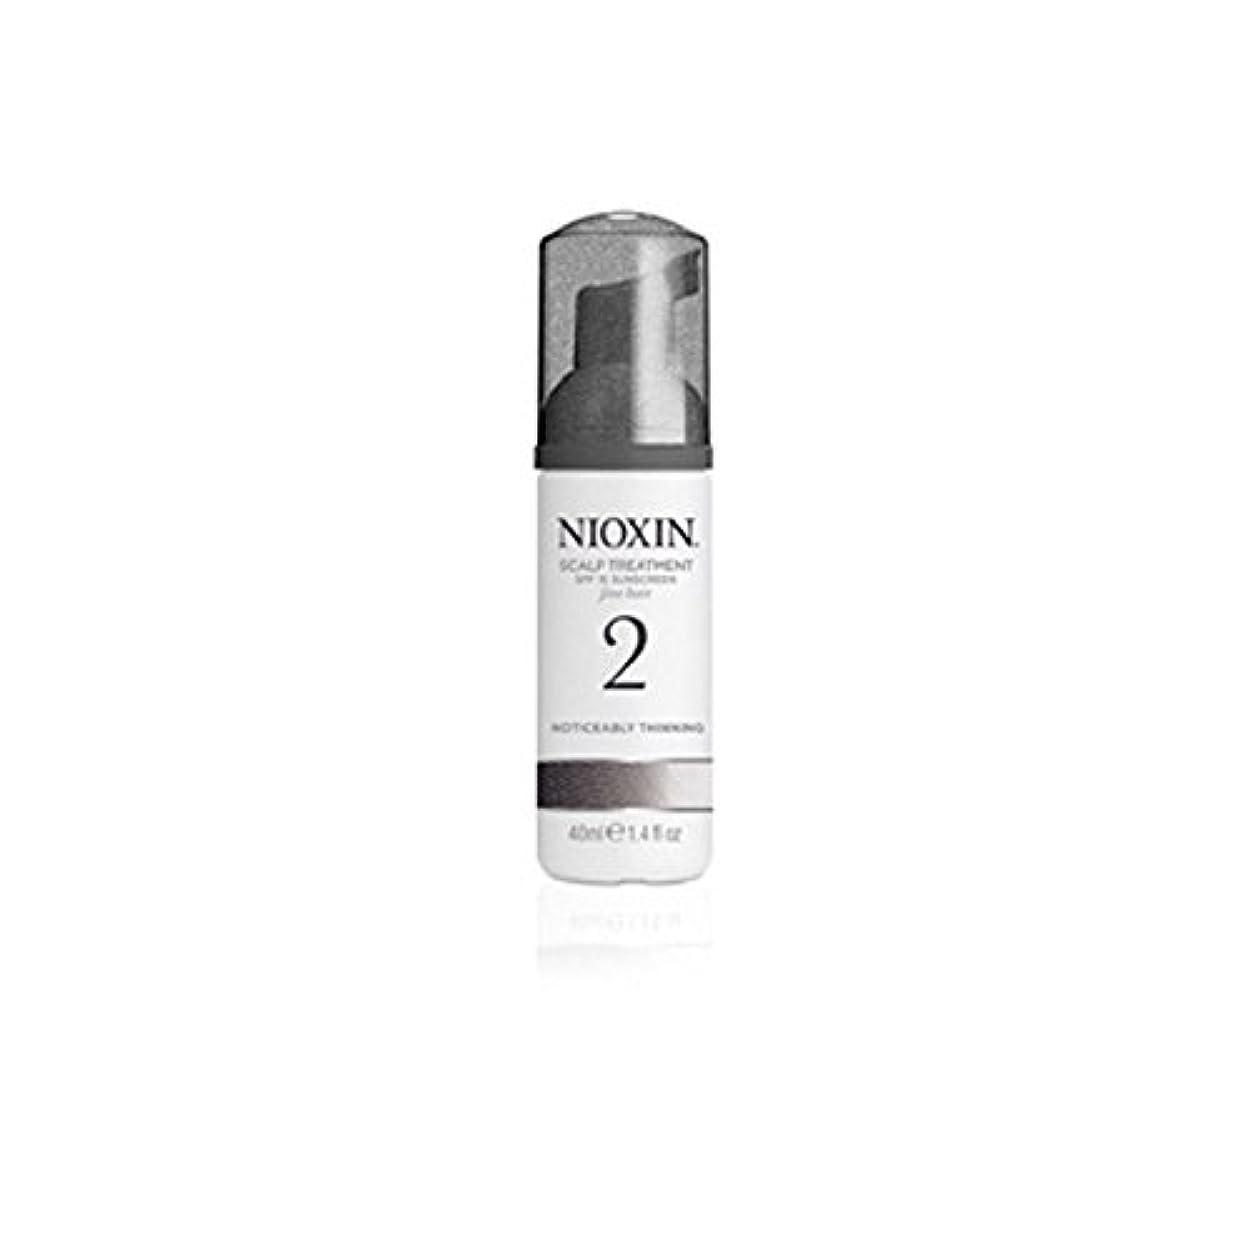 引き付けるギャング必須Nioxin System 2 Scalp Treatment For Noticeably Thinning Natural Hair (100ml) (Pack of 6) - 著しく間伐自然な髪のためのニオキシンシステム2スカルプトリートメント(100ミリリットル) x6 [並行輸入品]